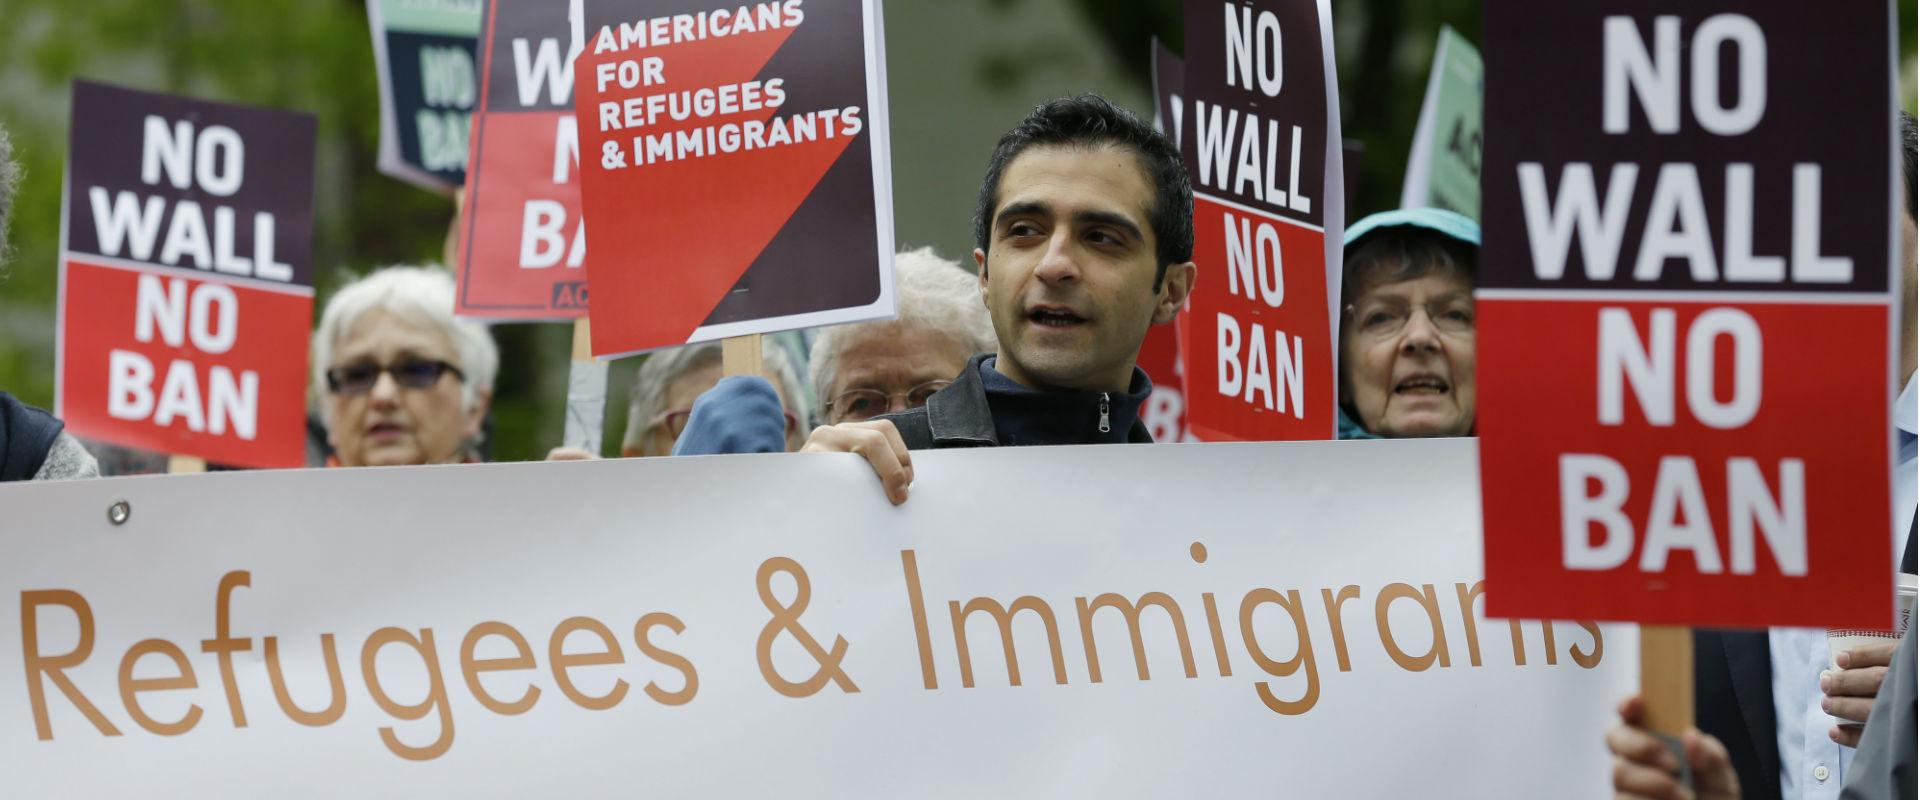 הפגנה נגד מדיניות ההגירה של ממשל טרמפ מול בית המפט